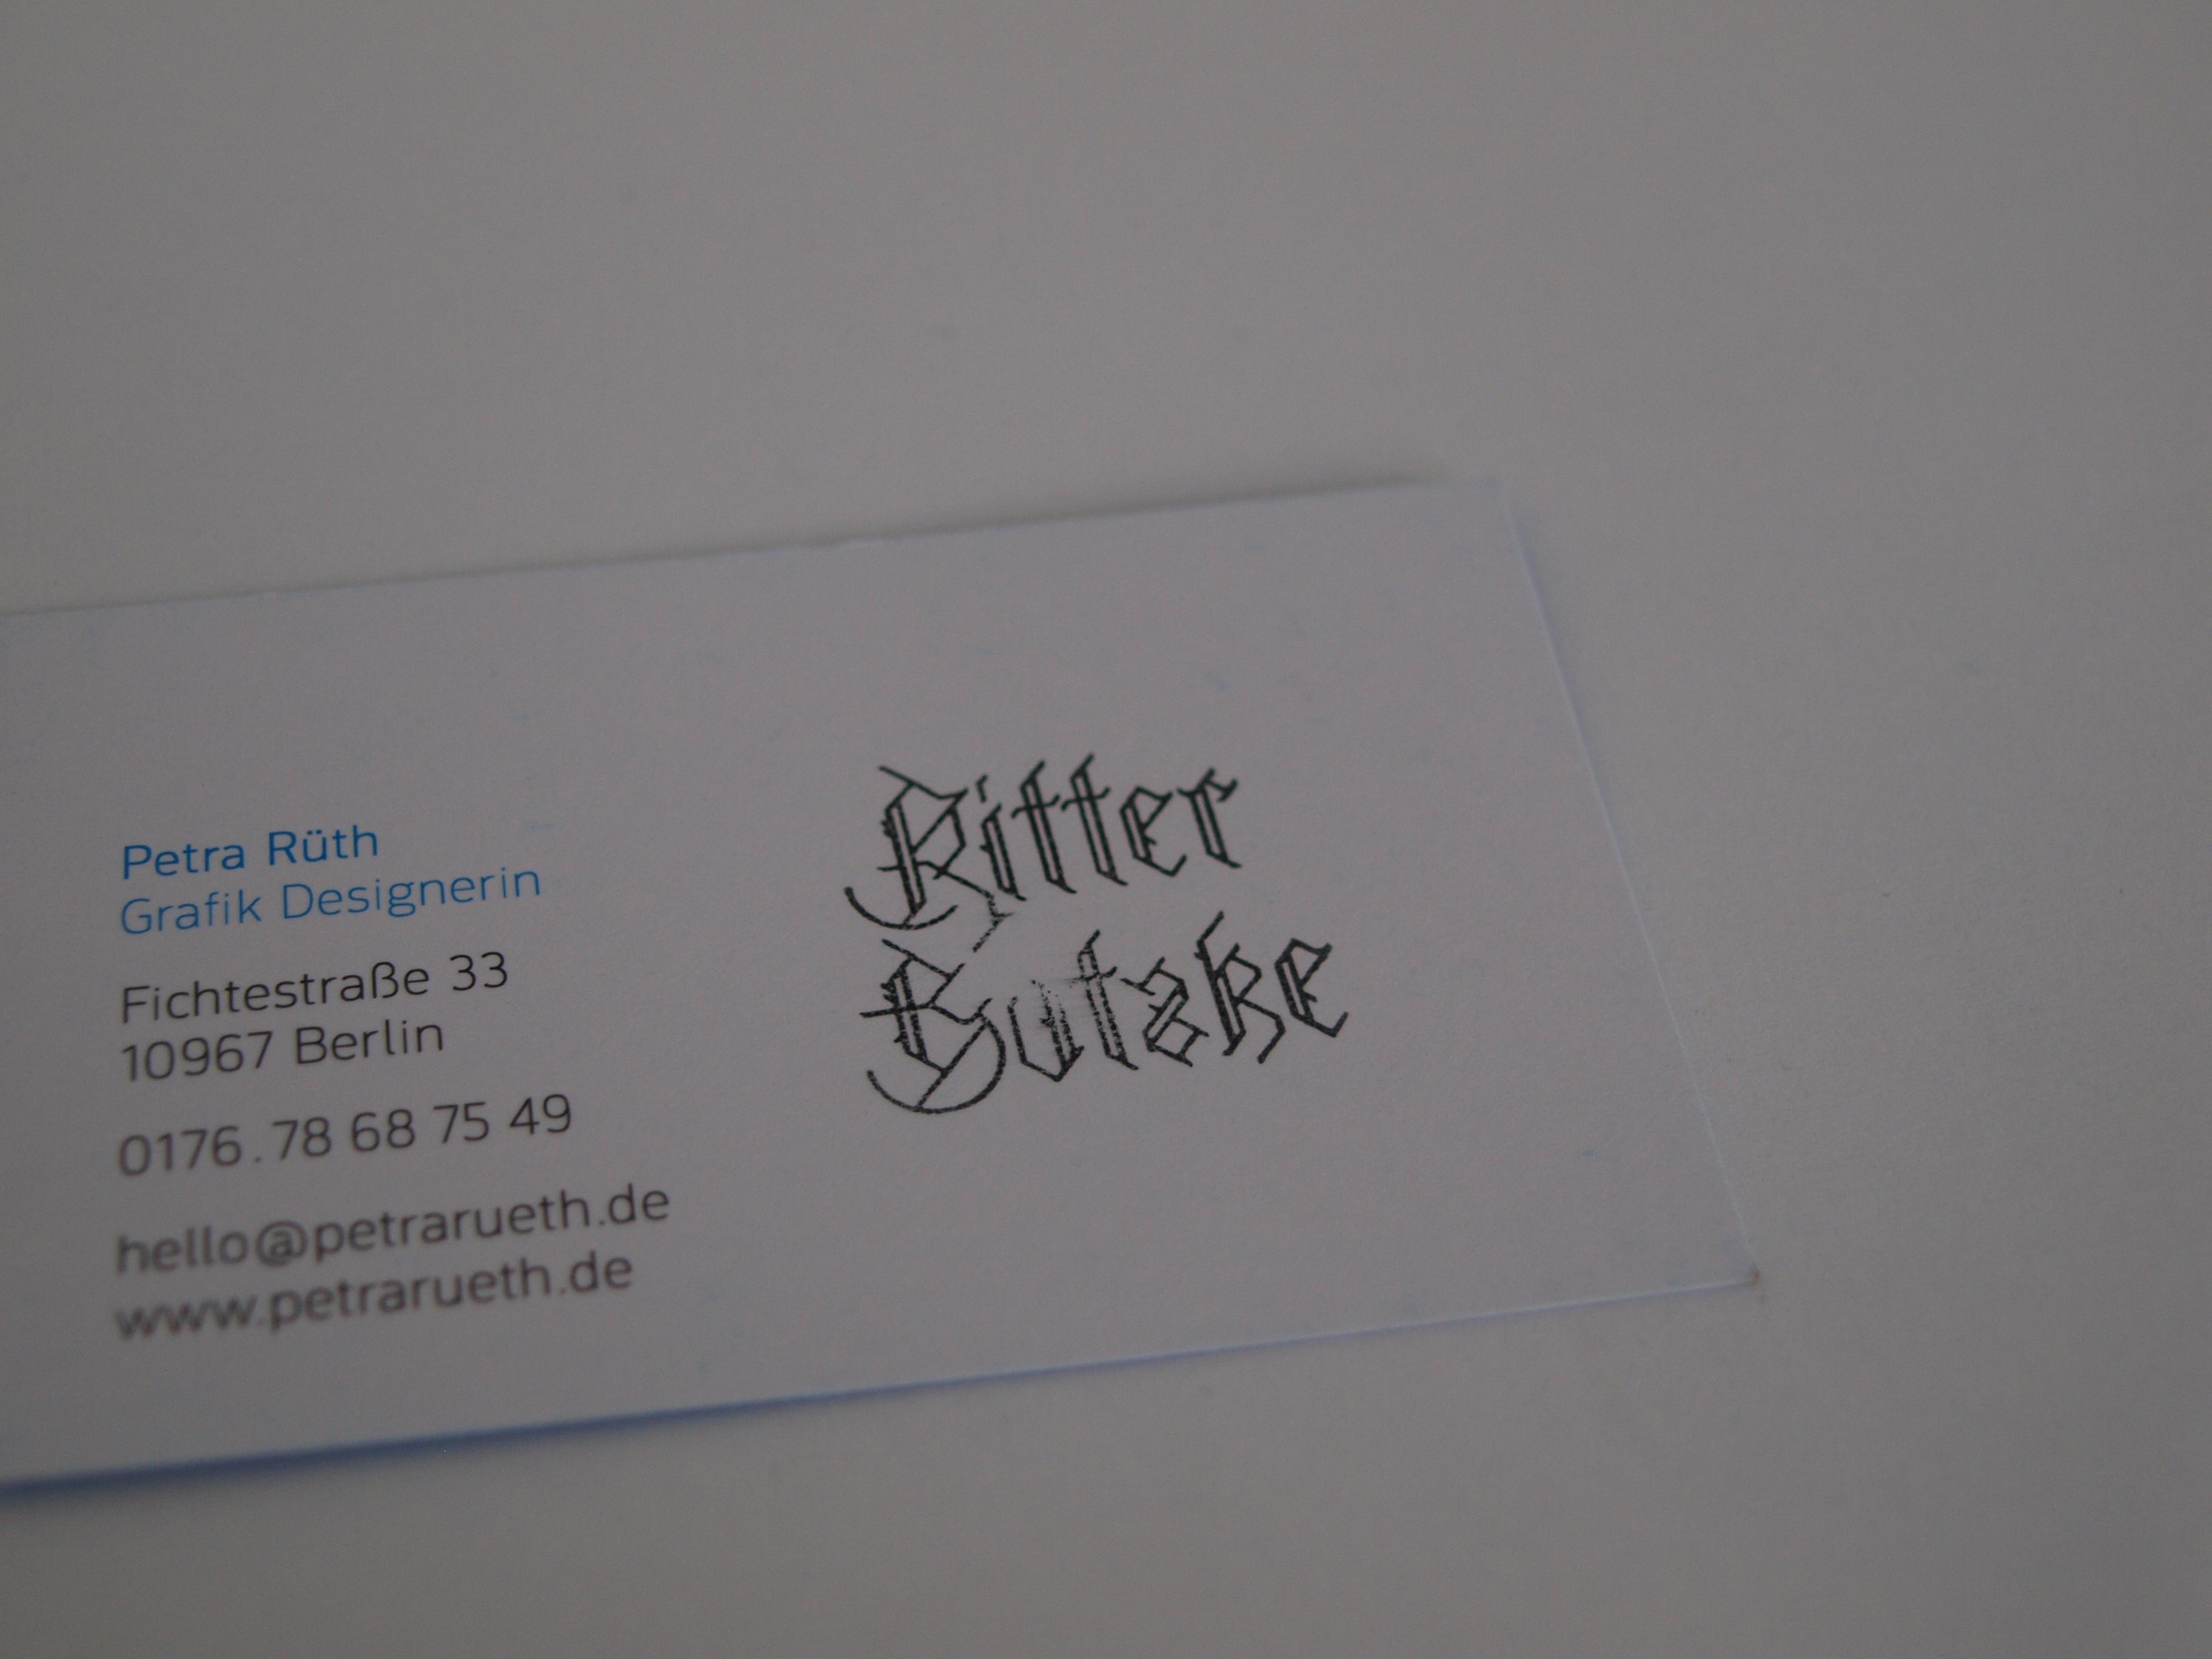 0074_1409_Berlin_Ritter_Butzke